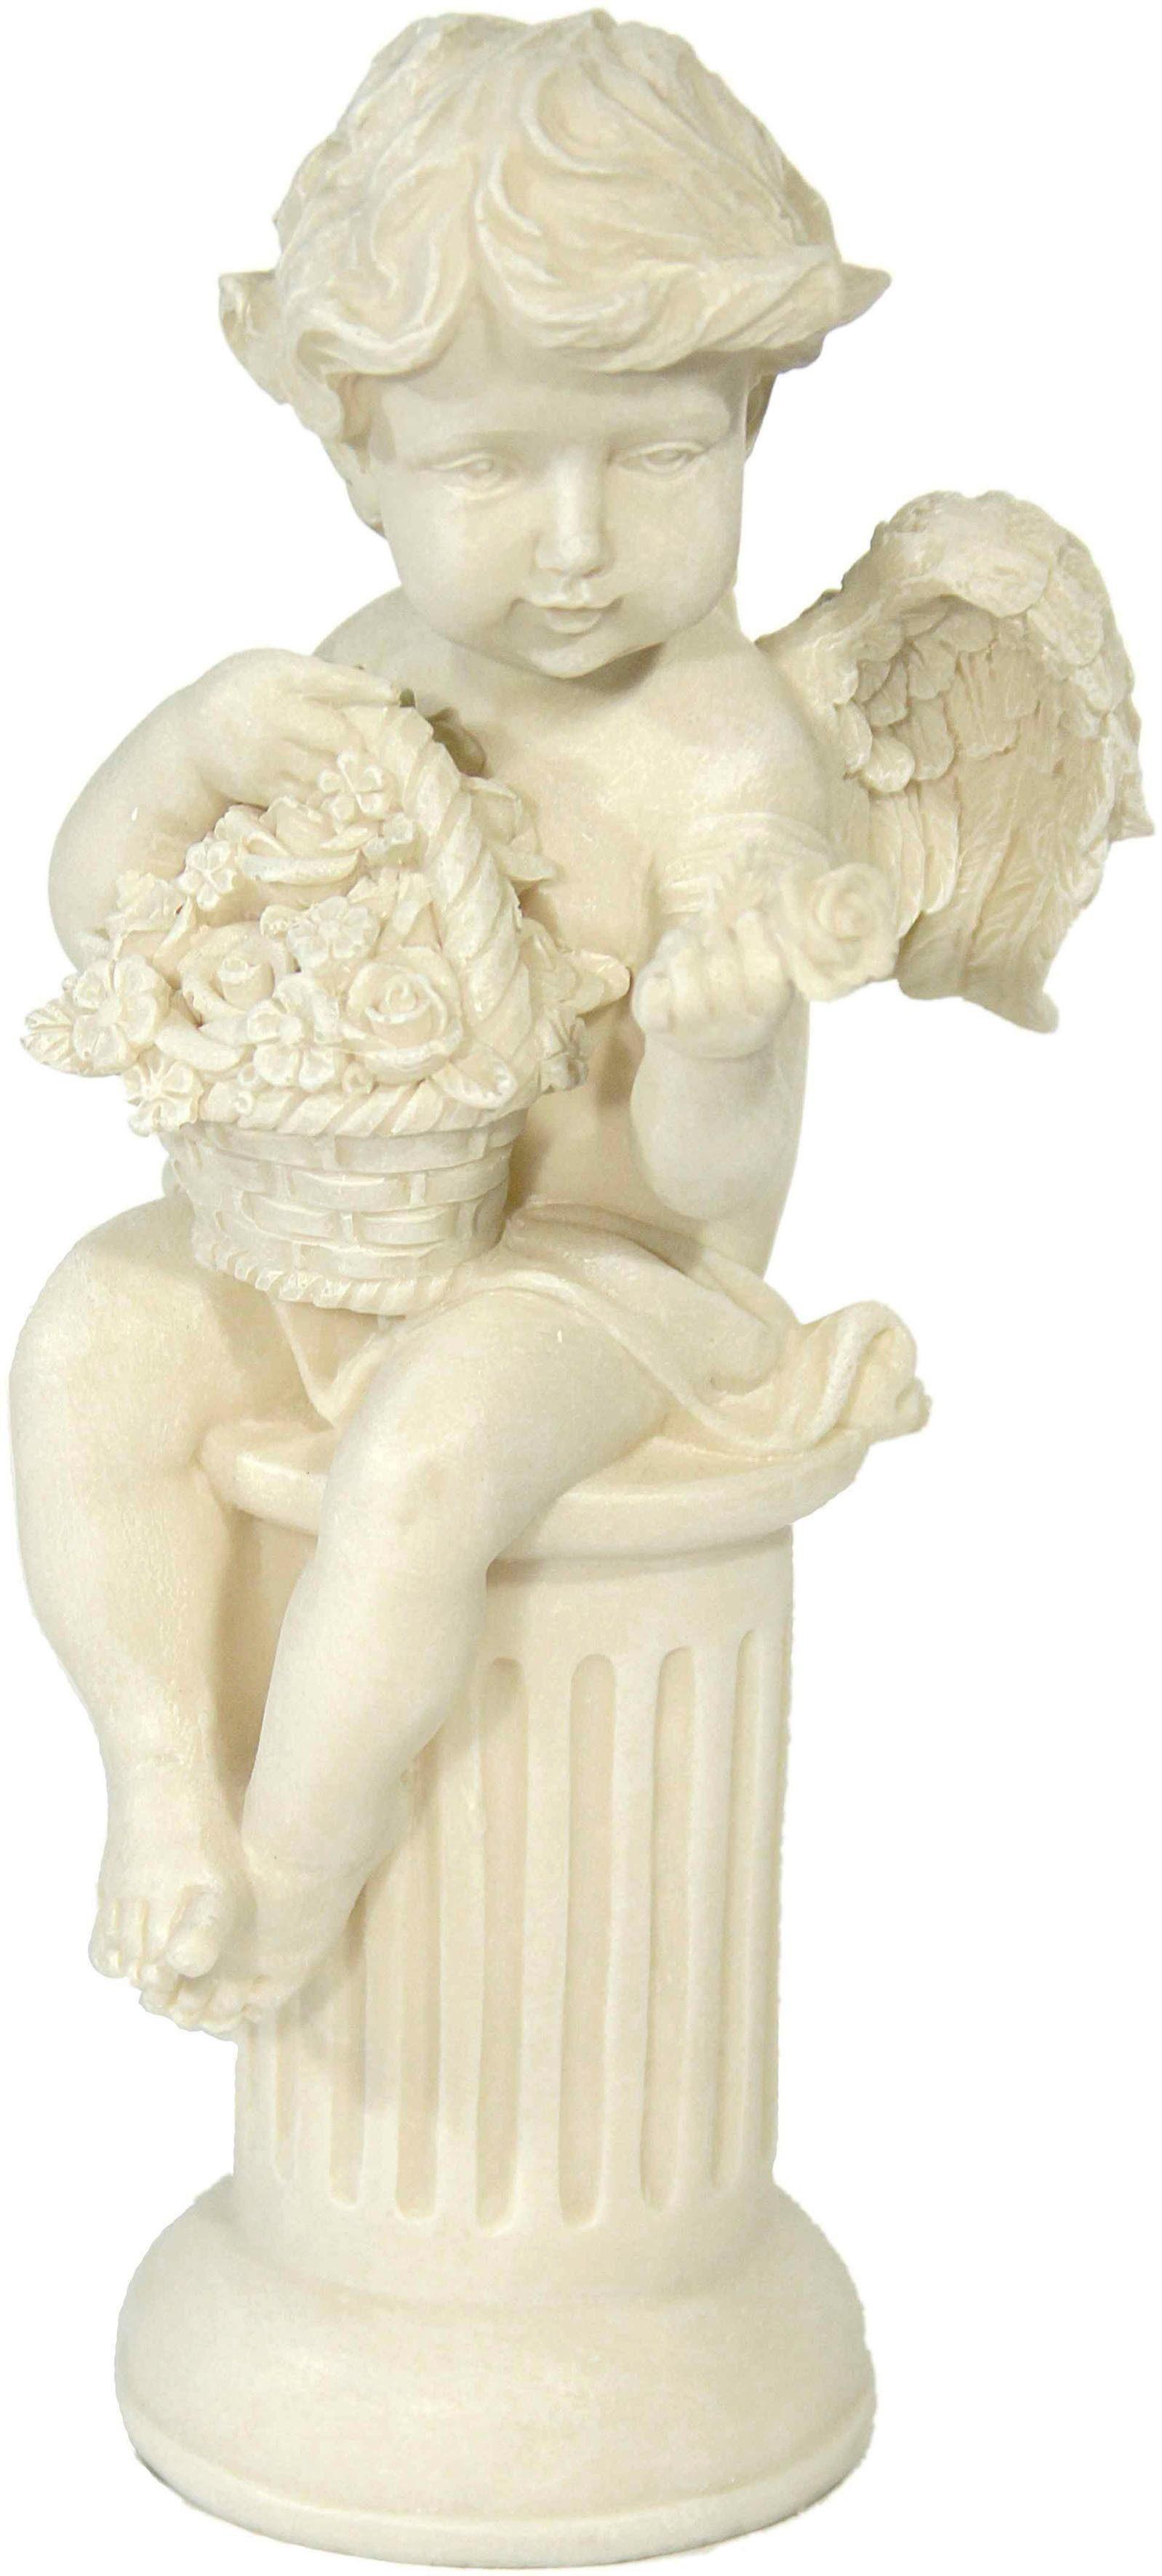 Home affaire Dekofigur »Engel auf Säule sitzend mit Rose«